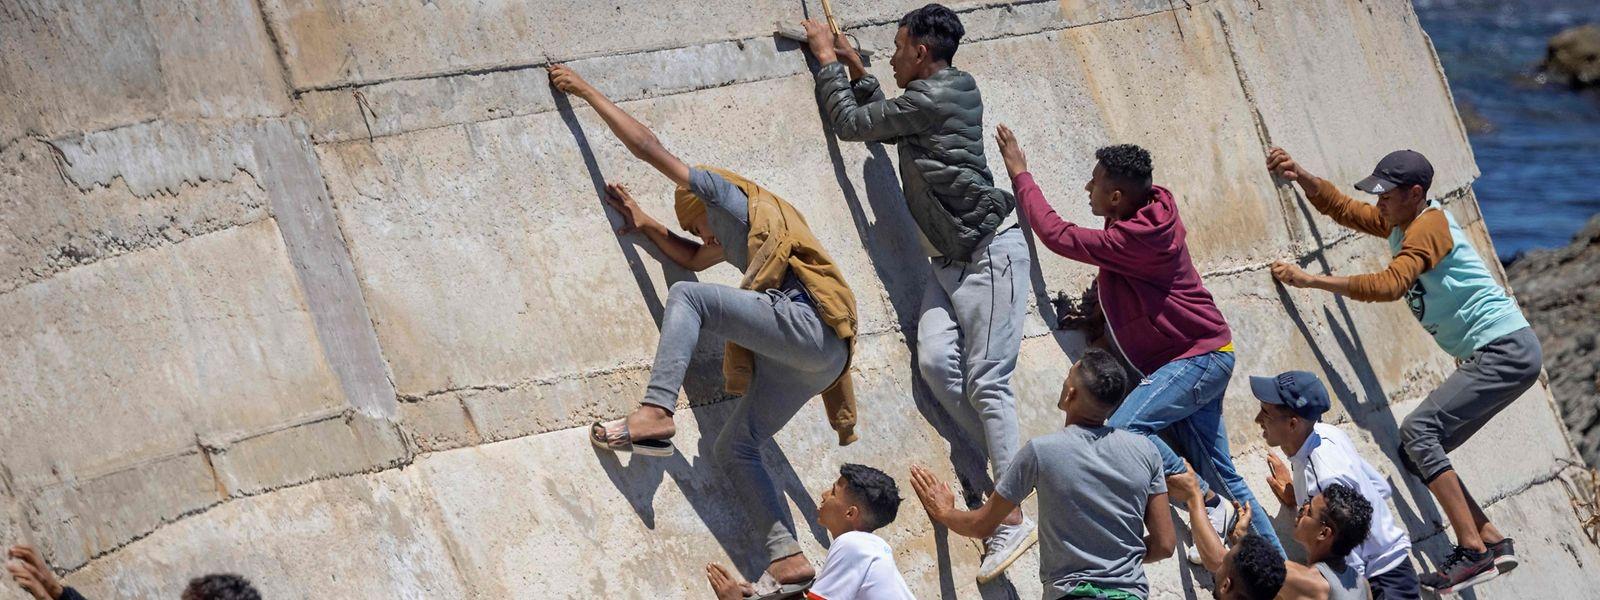 Migranten klettern eine Wand im marokkanischen Fnideq hoch, um anschließend zur spanischen Enklave Ceuta zu gelangen.